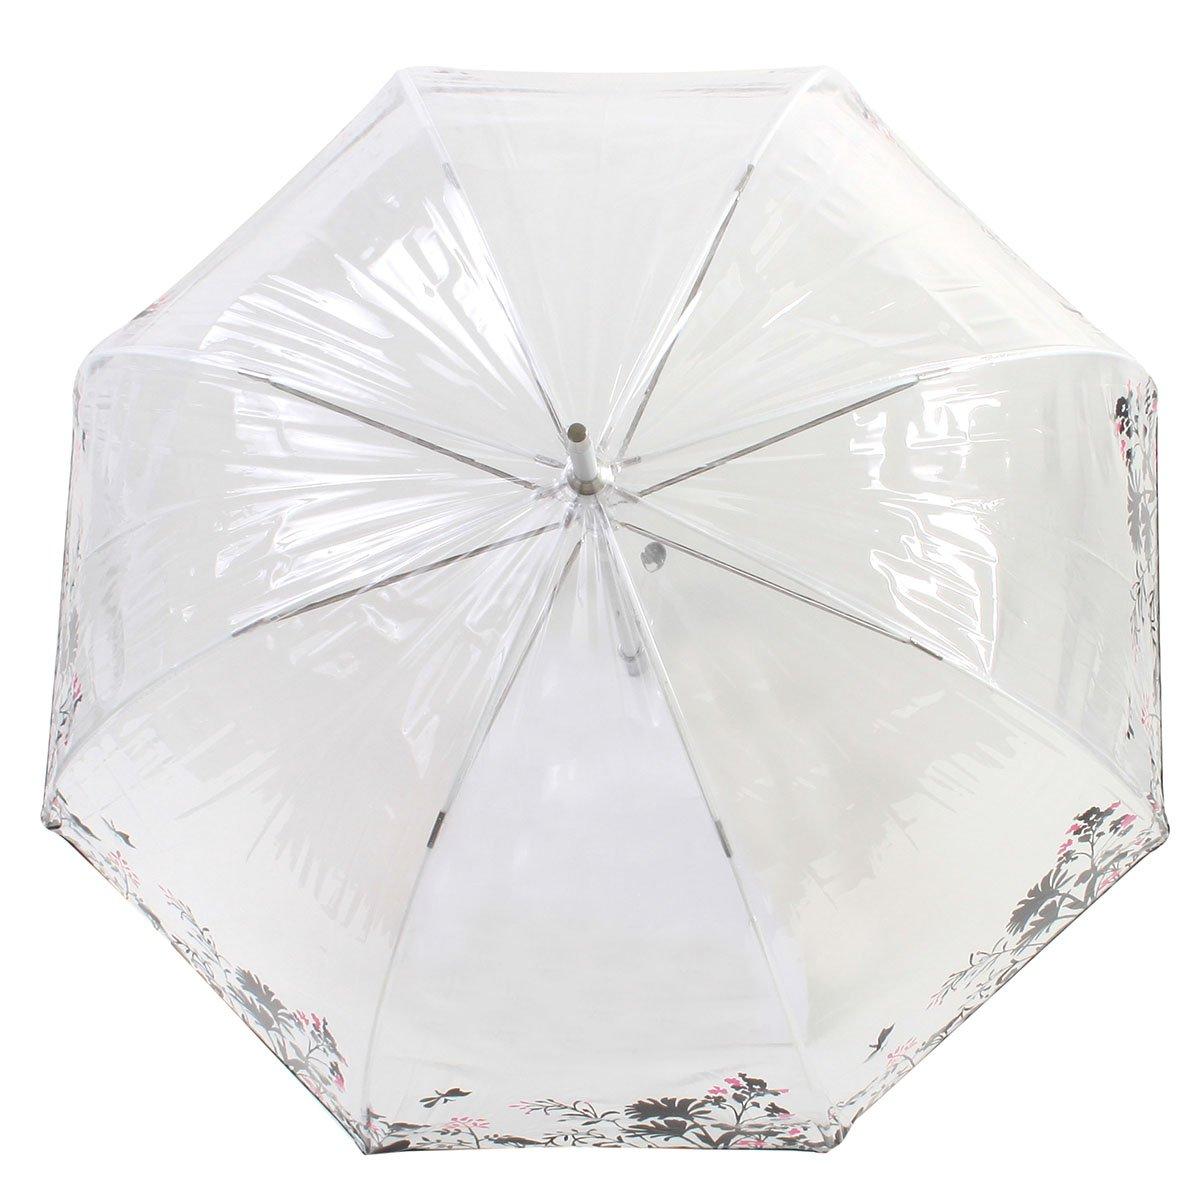 Isotoner Paraguas Cesta transparente para mujer PVC/Végétal: Amazon.es: Ropa y accesorios